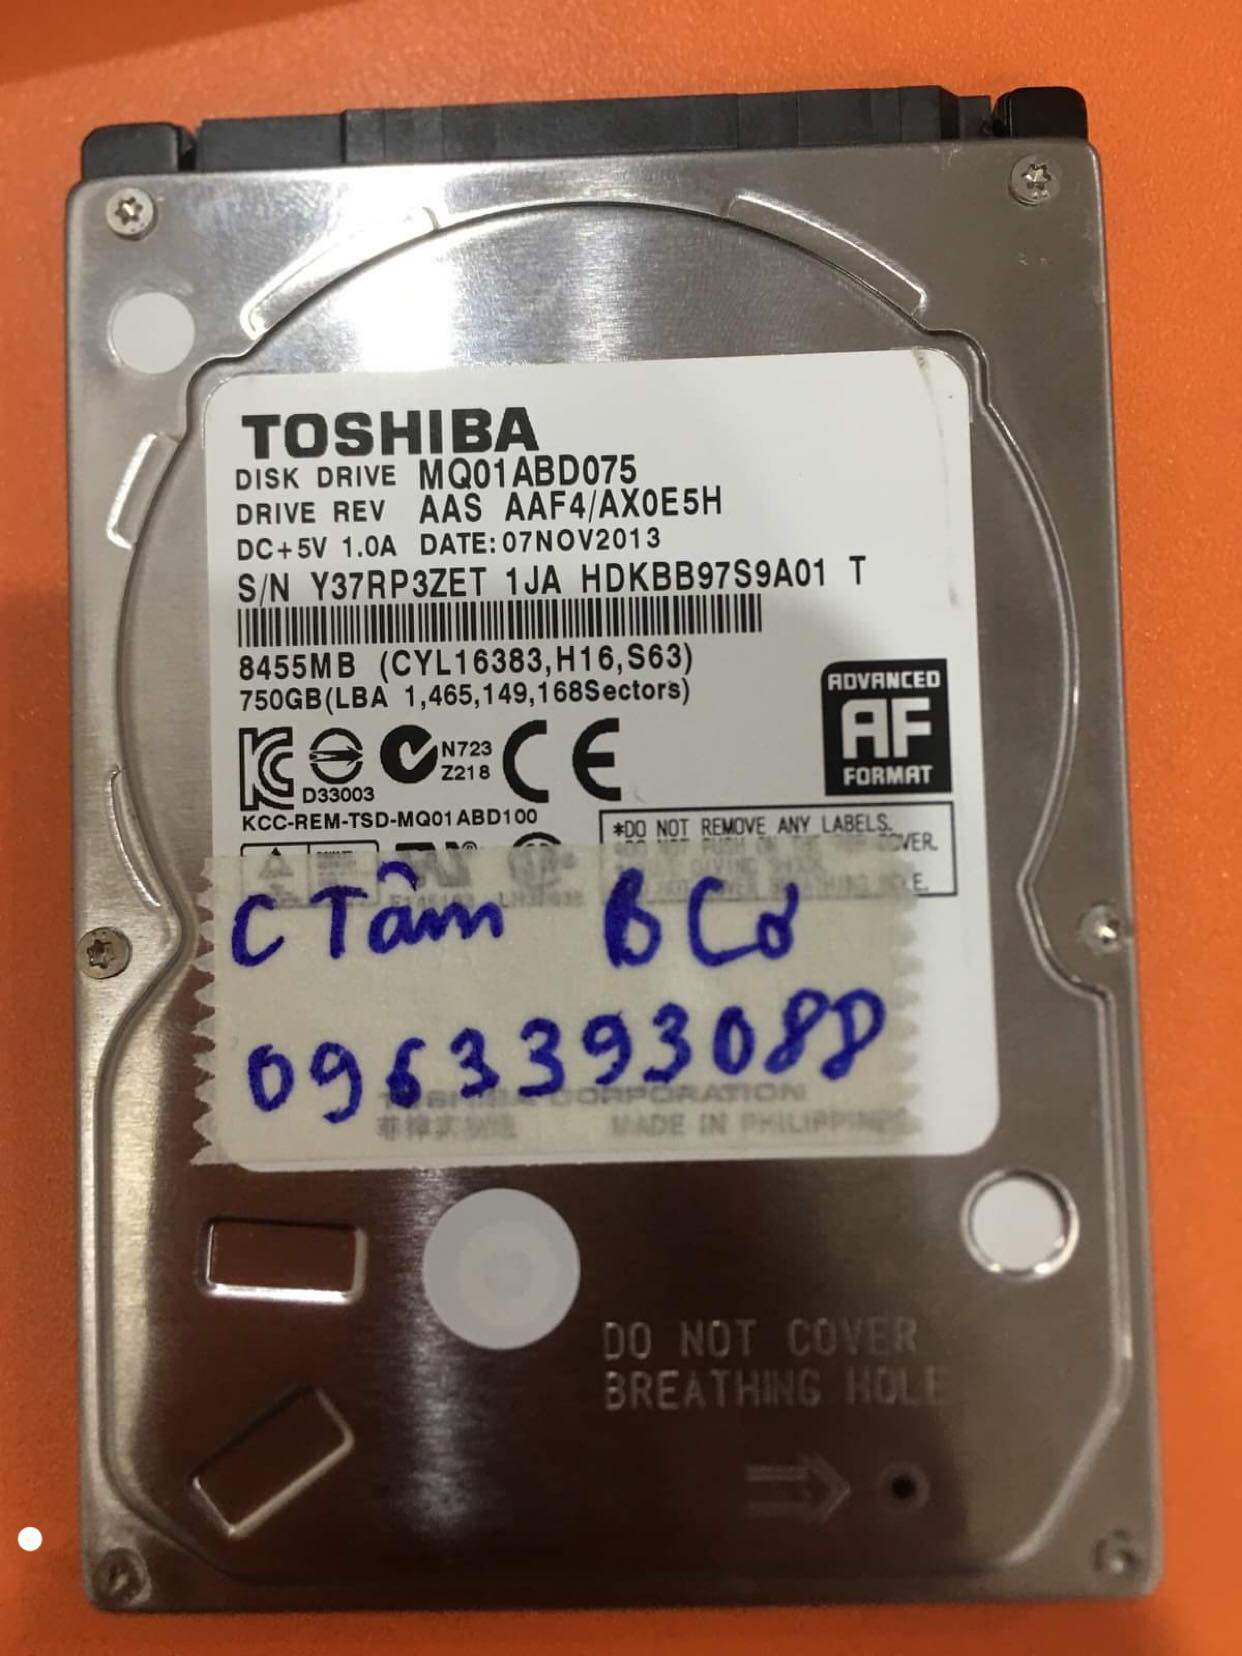 Phục hồi dữ liệu ổ cứng Toshiba 750GB lỗi cơ 10/12/2019 - cuumaytinh